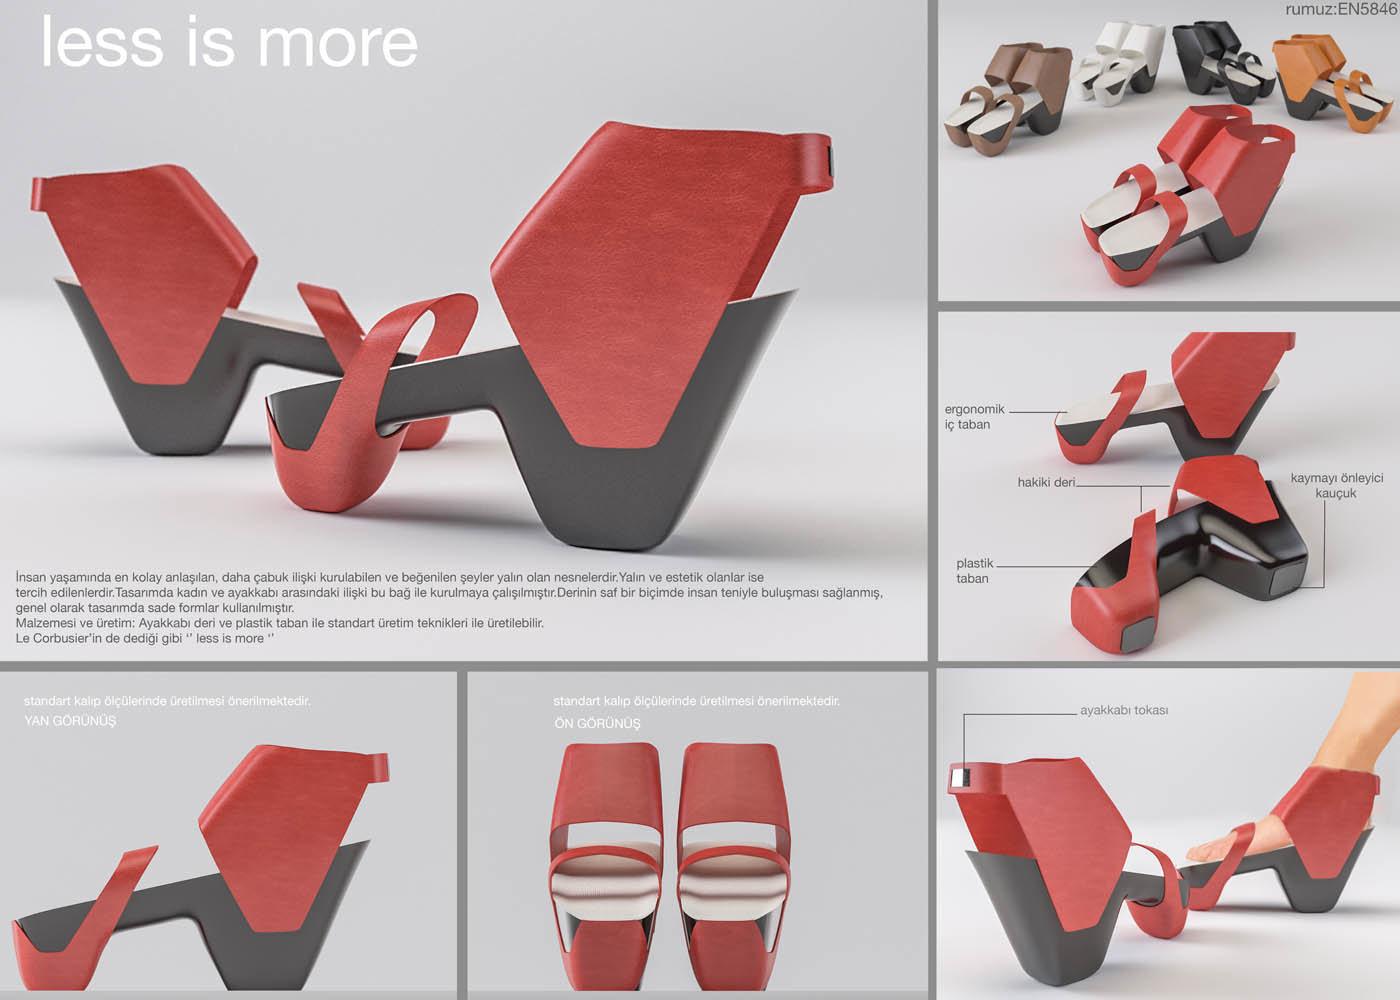 3. Detay Deri Ürünleri Tasarımı Yarışması 2014 Kategori: Ayakkabı Kategorisi Derece: Finalist Yarışmacı Ekip: Emel Topuz, Nazım Dağdeviren Proje Adı : Less Is More